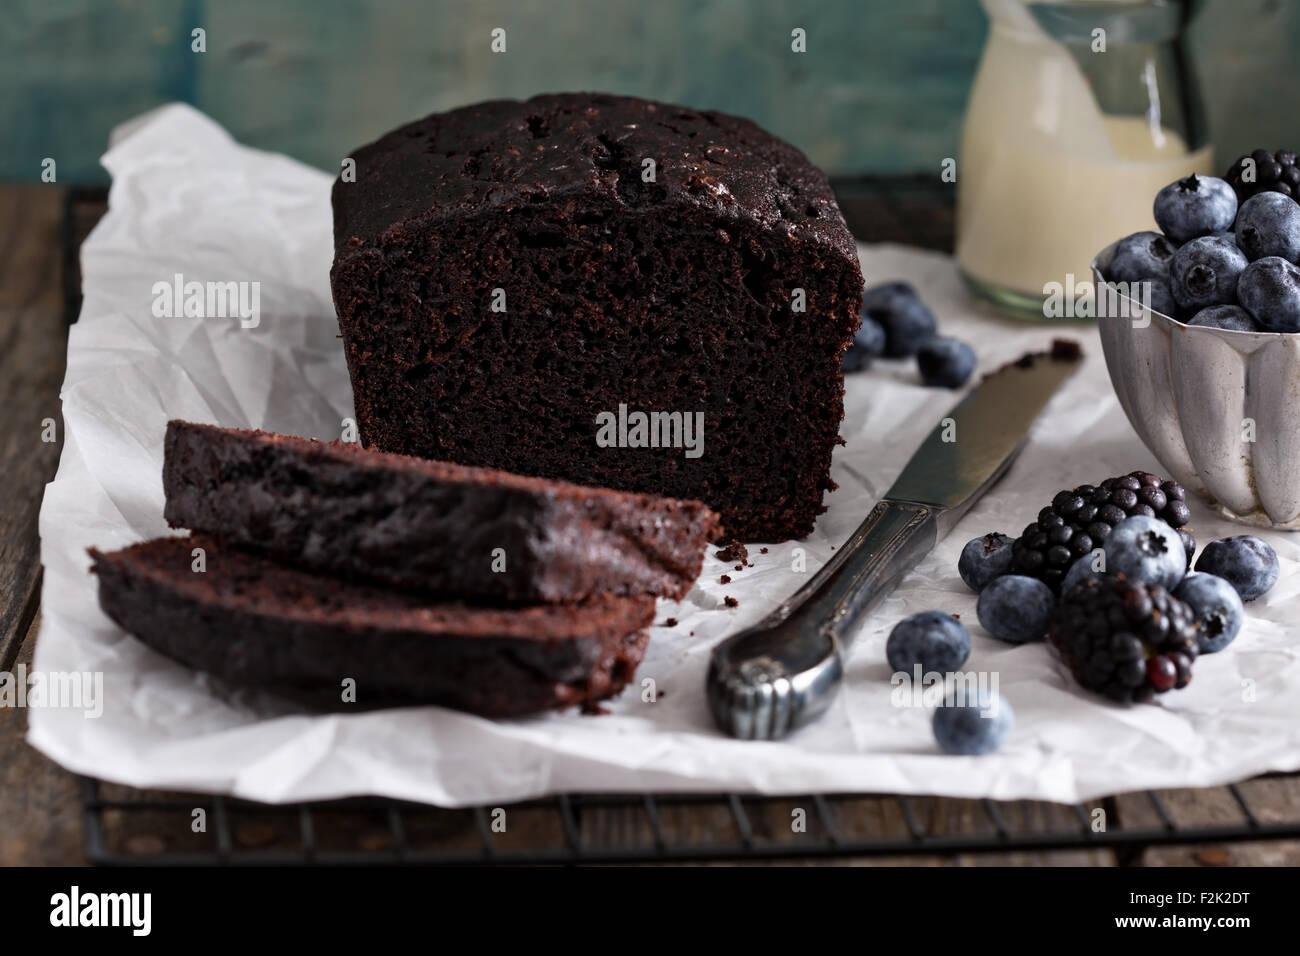 Gâteau de pain au chocolat prêt à être décoré en tranches Photo Stock